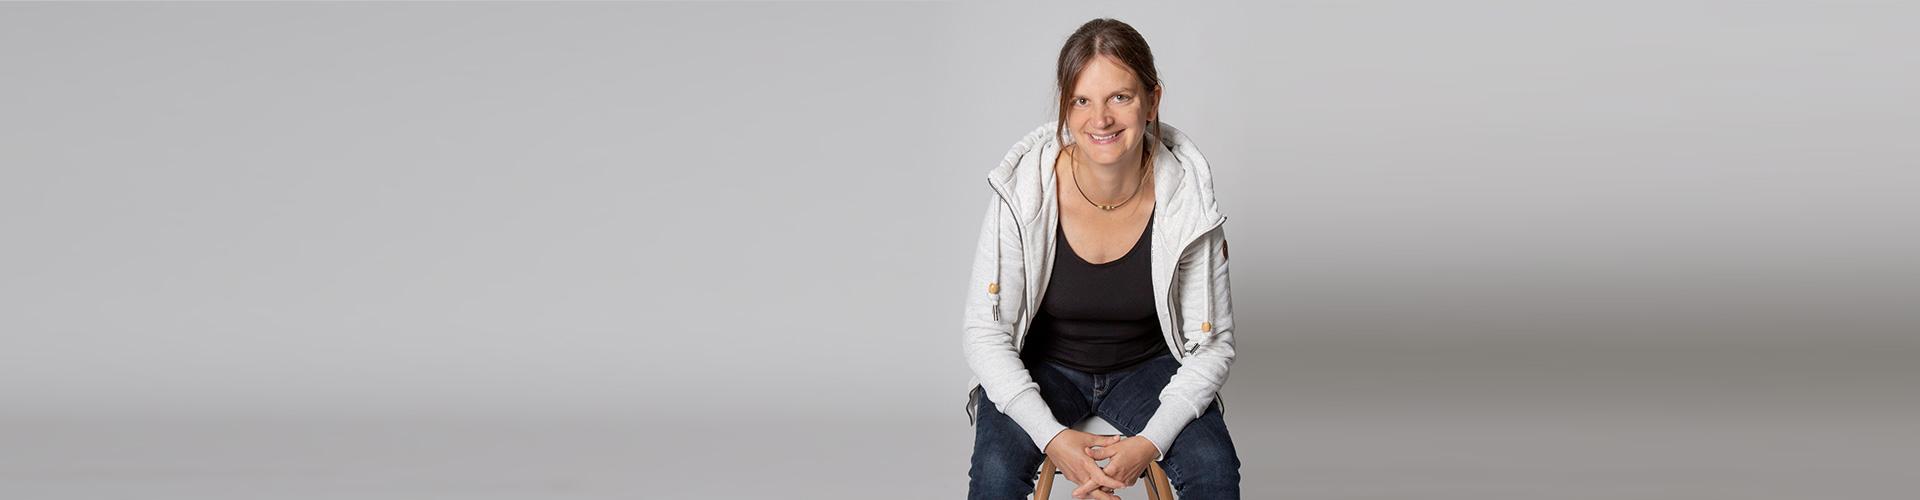 Anna Möller Wolf, Kinder- und Jugendlichenpsychotherapeutin sitzt auf einem Hocker und lächelt.